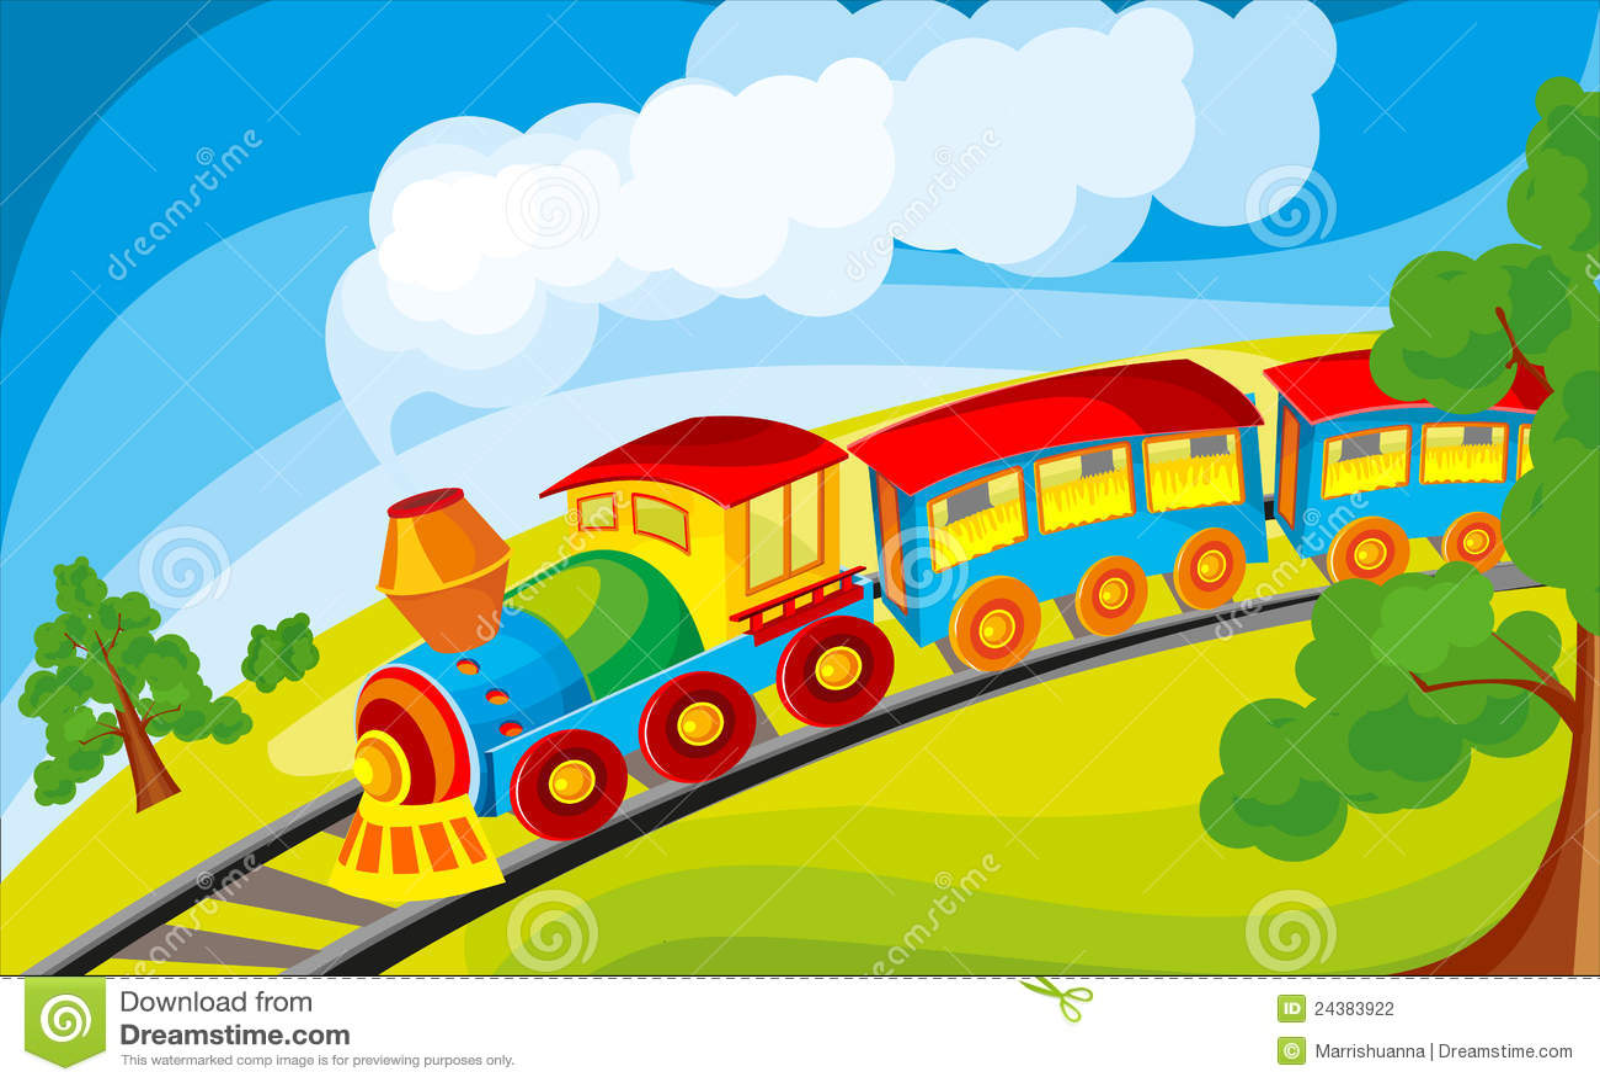 Train Stock Vector Illustration Of Railroad Landscape 24383922